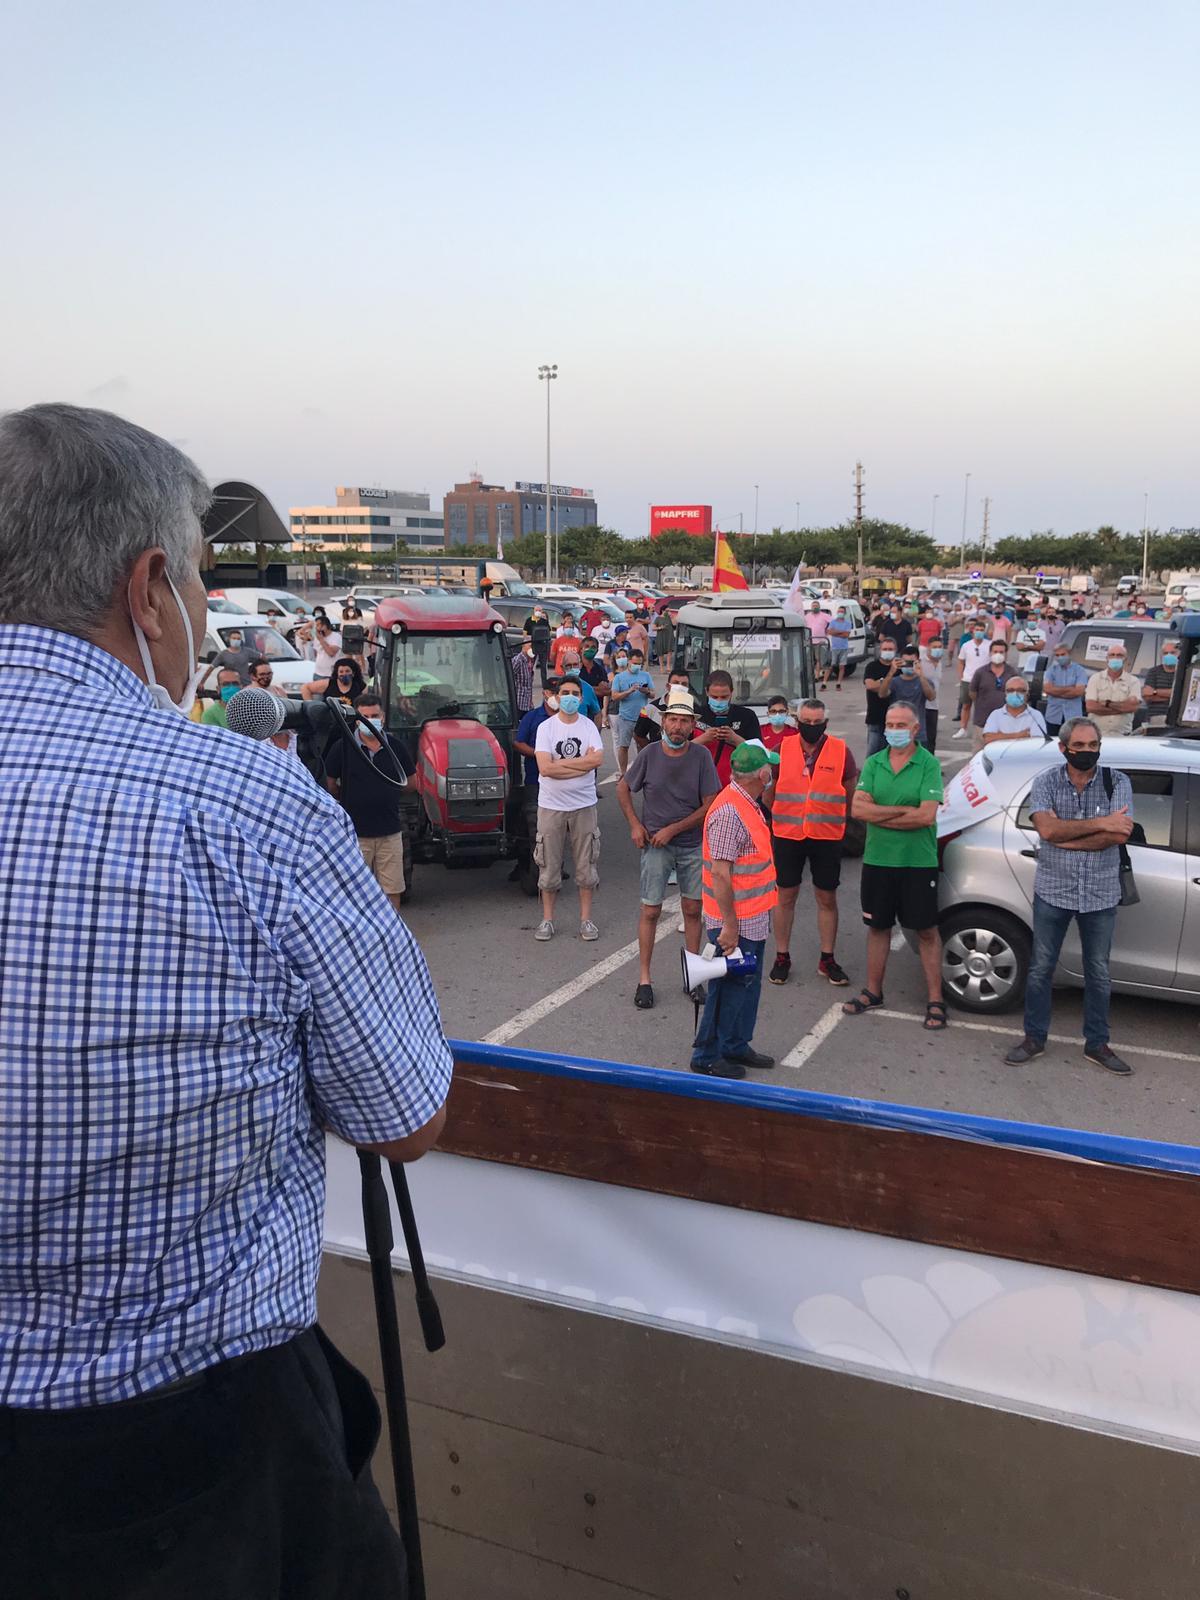 Más de 600 vehículos participan en la manifestación en defensa de la agricultura y la lucha contra el 'cotonet'